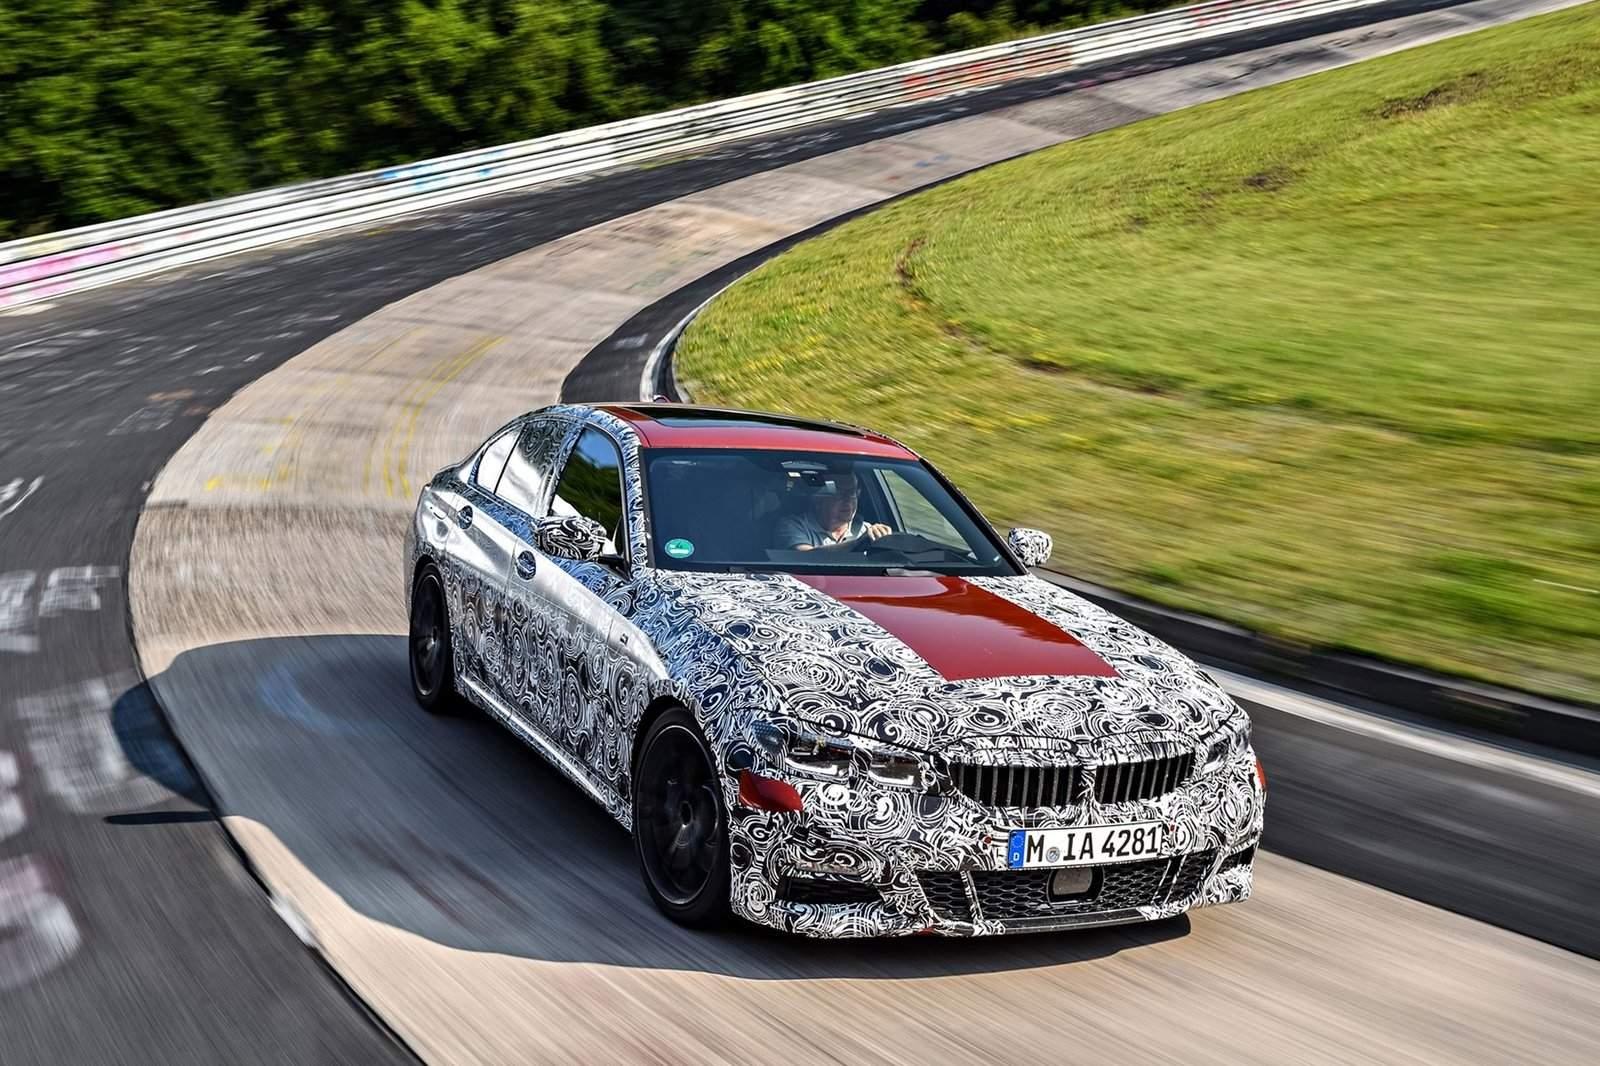 BMW 3 Series pre drive